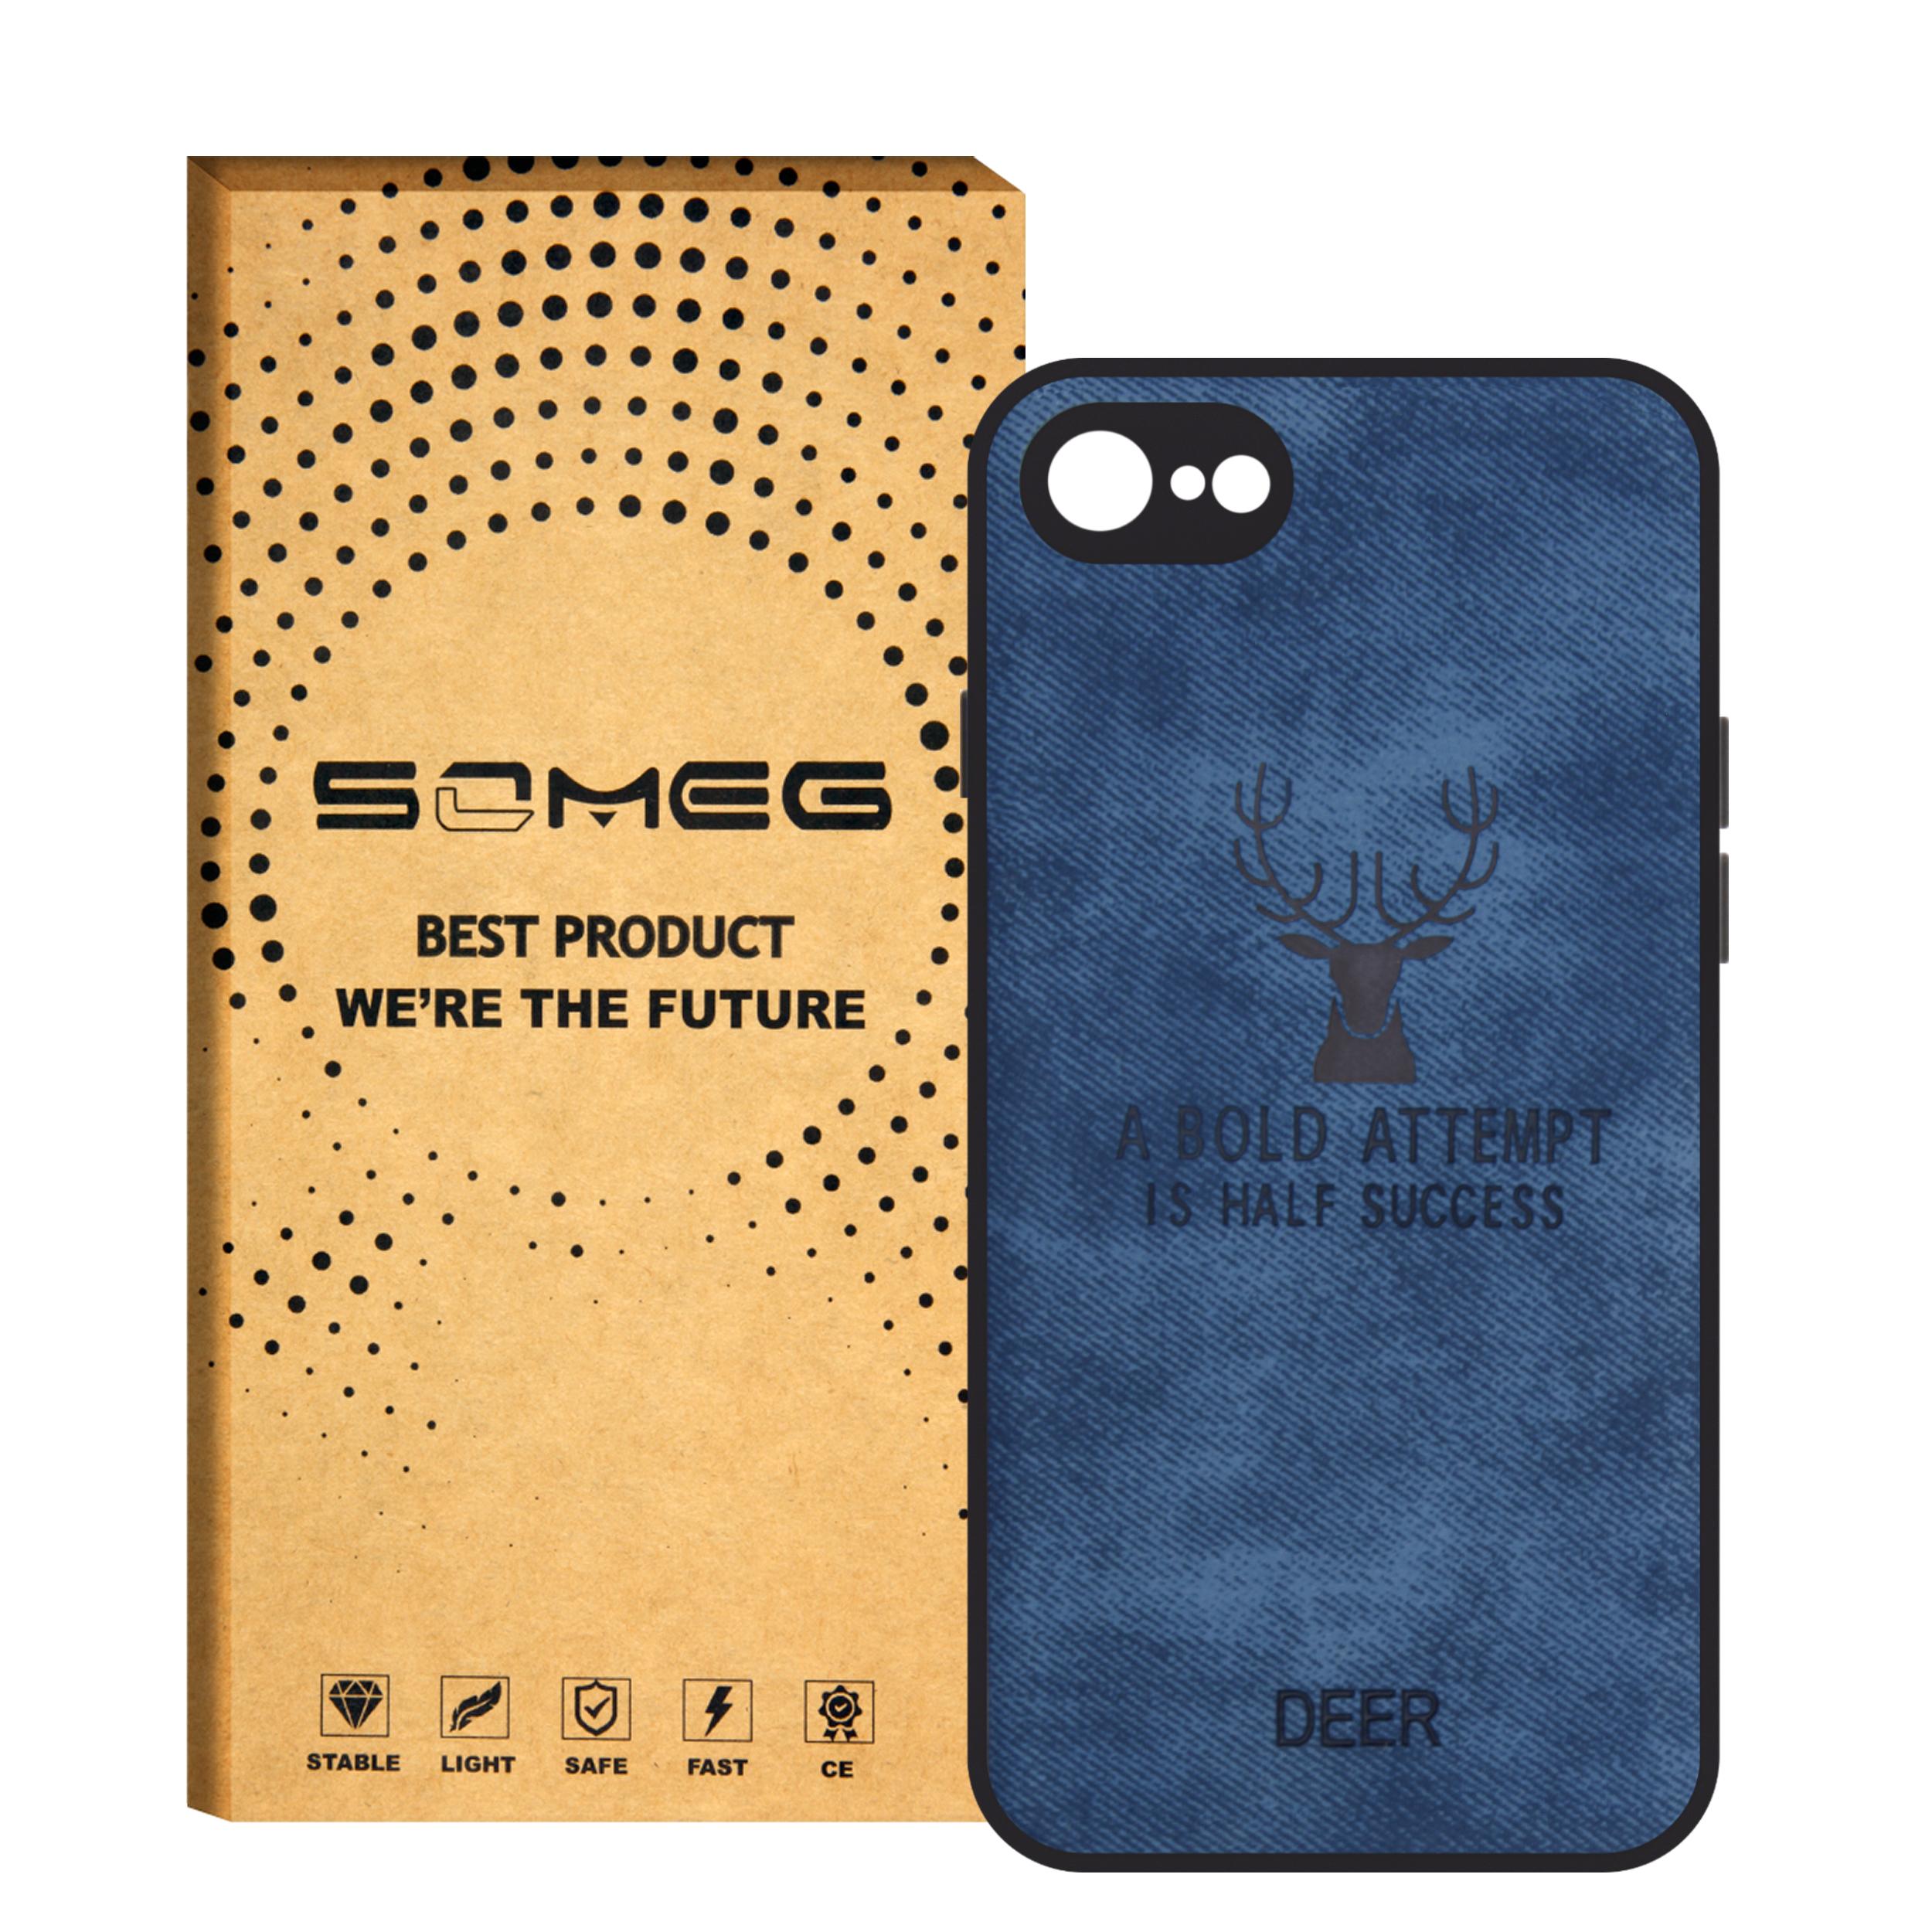 کاور سومگ مدل SMG-Der02 مناسب برای گوشی موبایل اپل iPhone 7 / 8               ( قیمت و خرید)